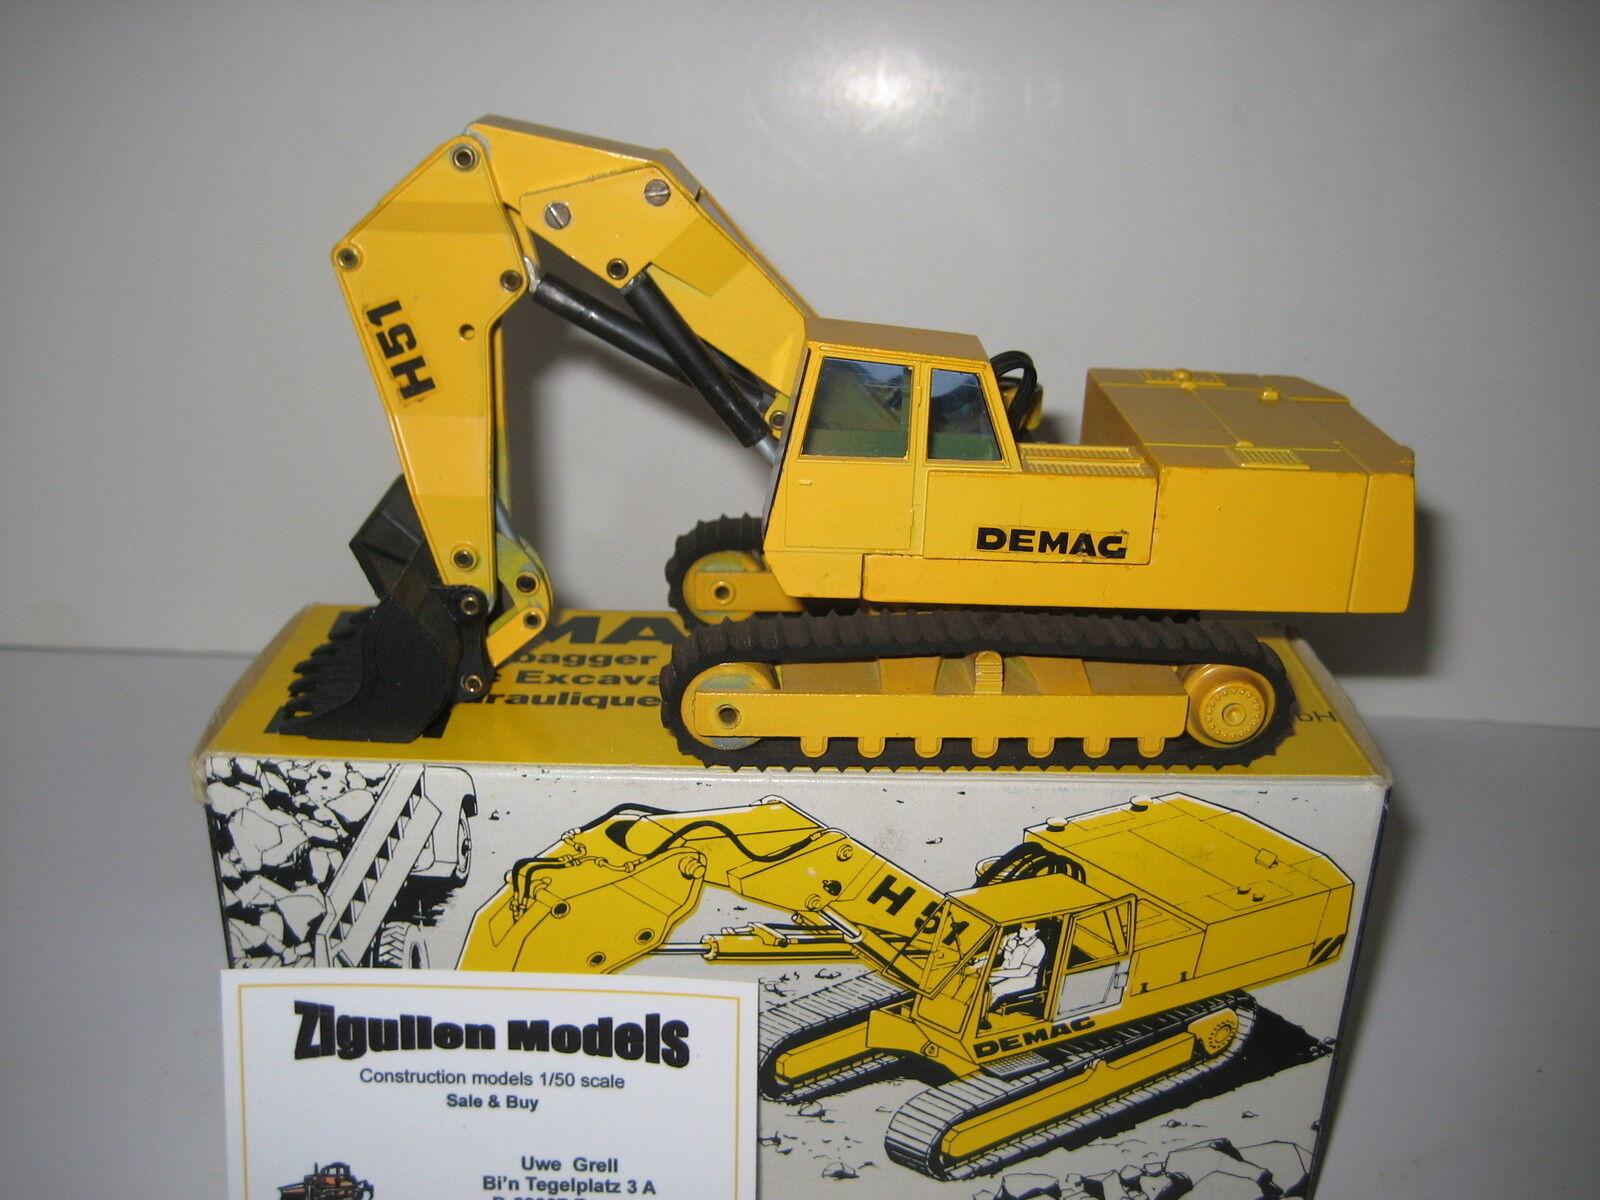 DEMAG H 51 Excavateurs hochlöffel à chenilles noires Décalques  113.4 NZG 1 50 neuf dans sa boîte